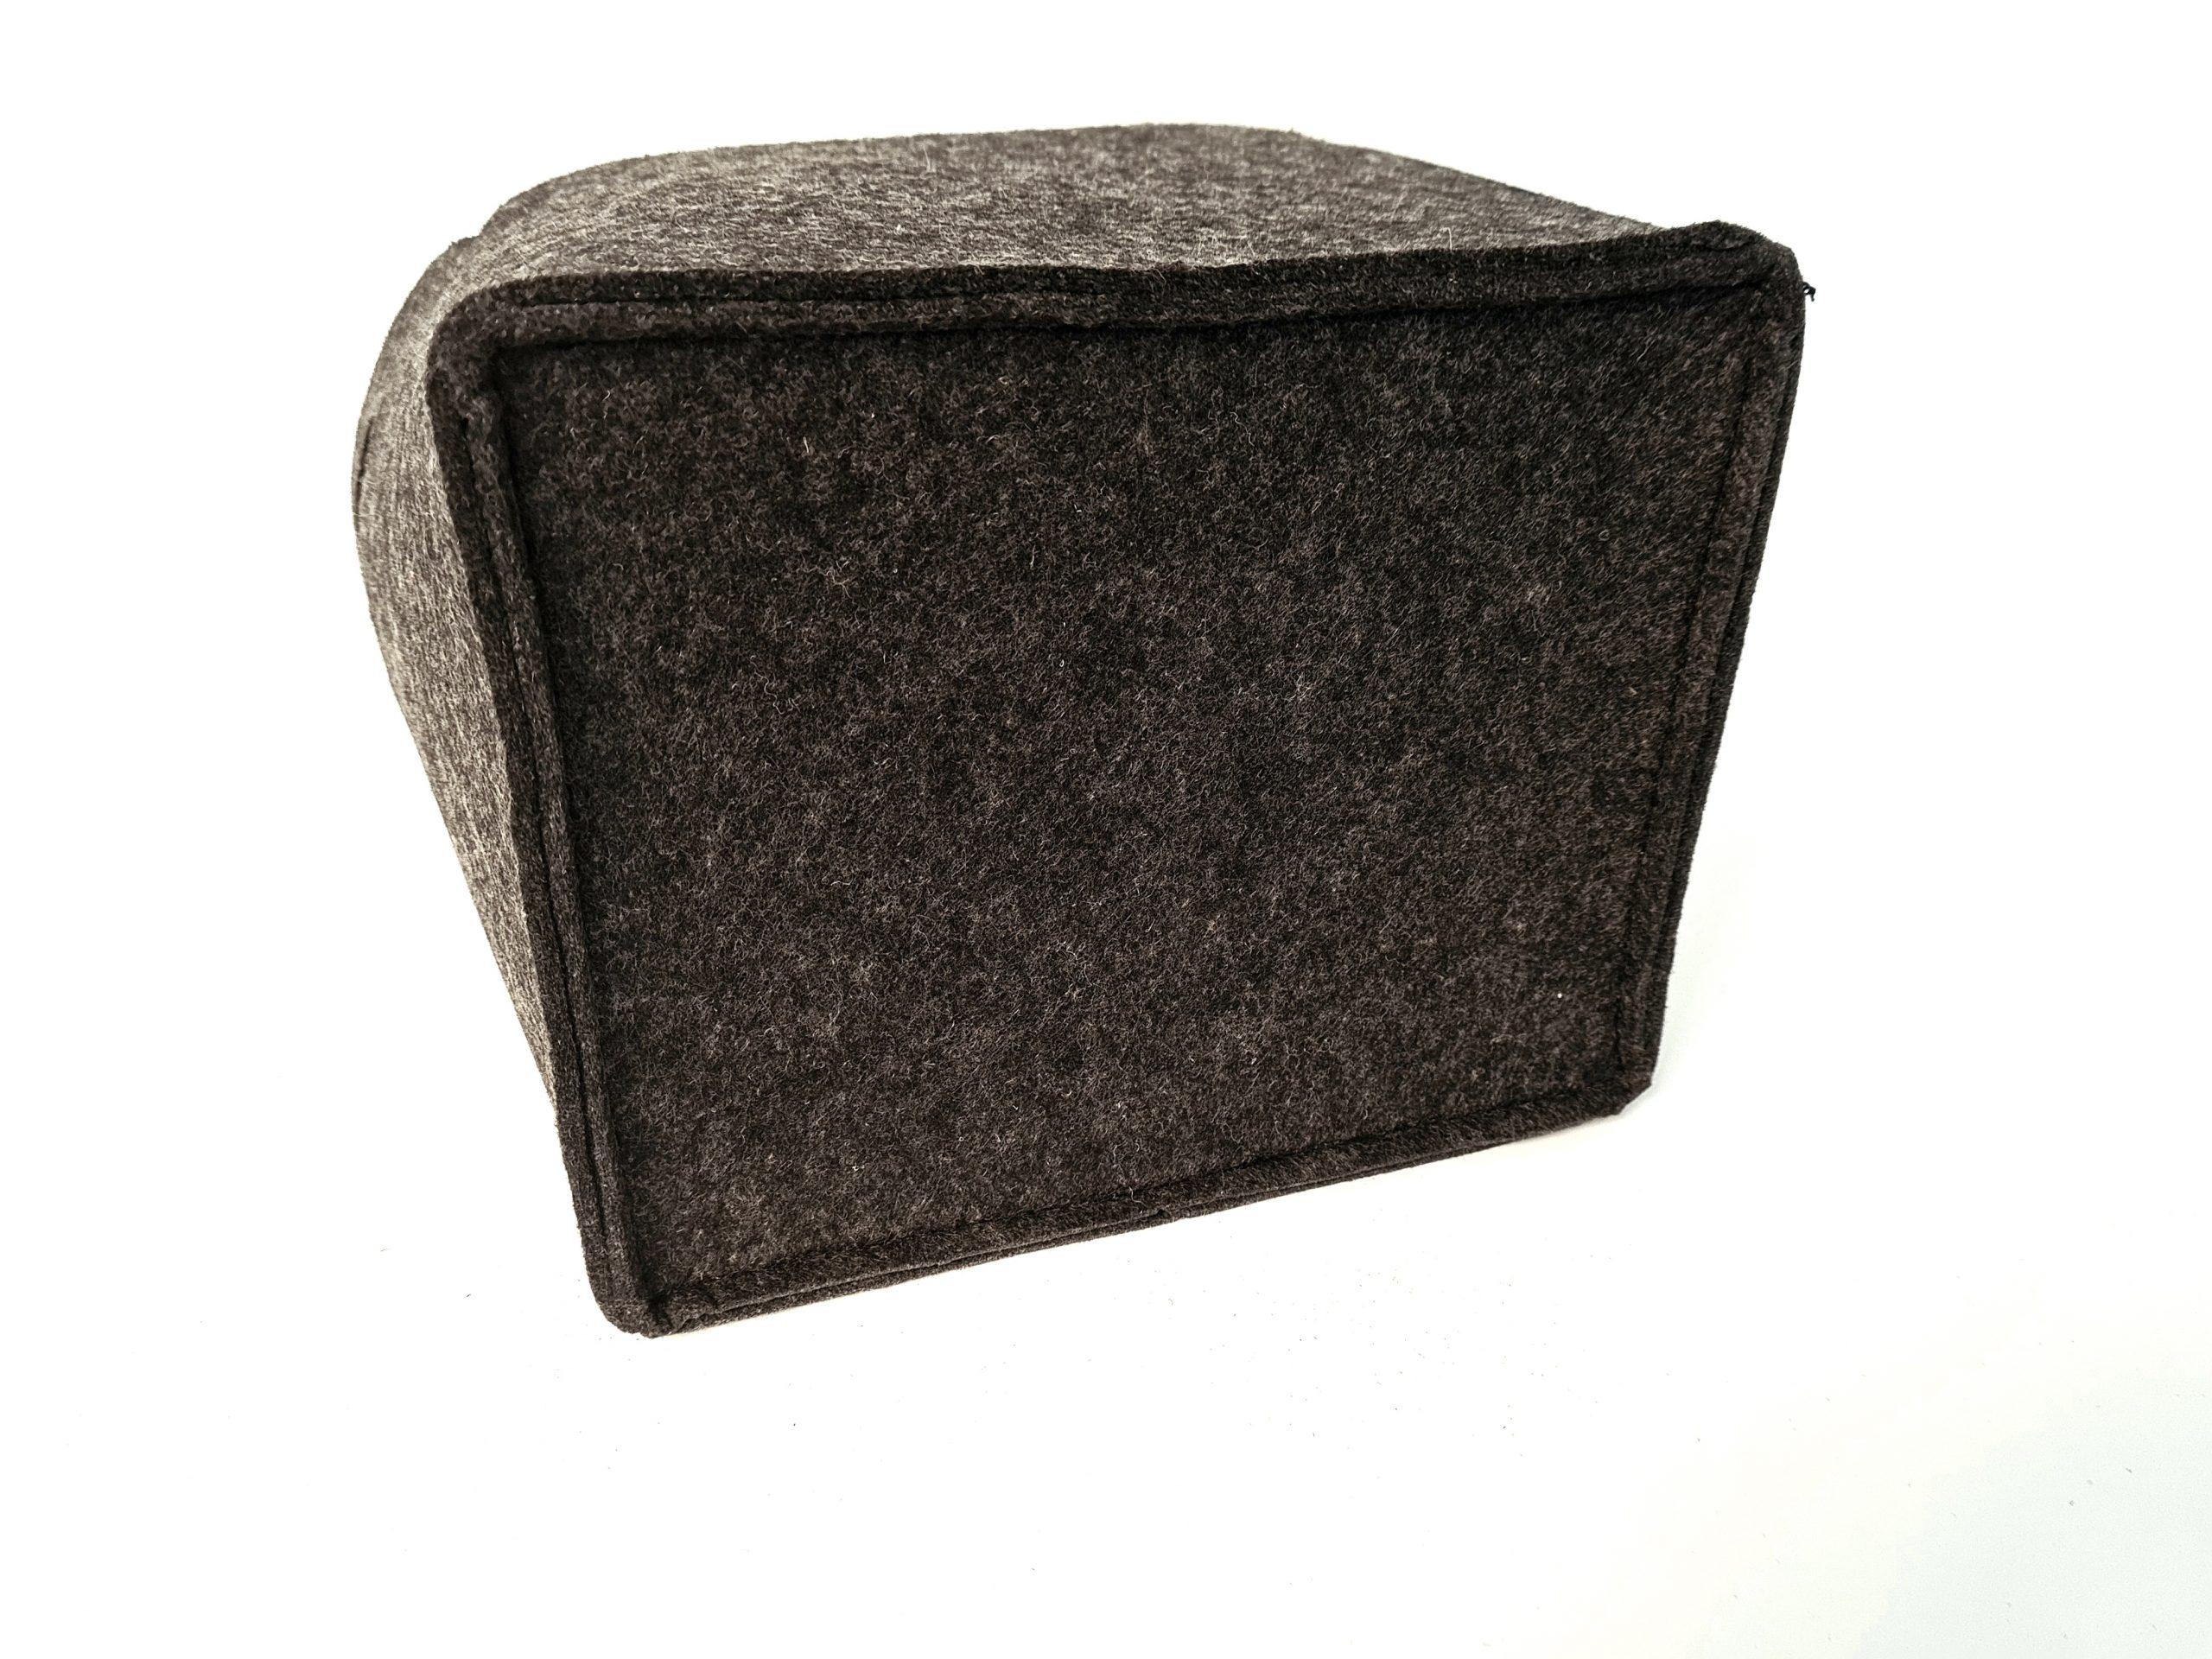 Filzbox in schwarz mit Henkeln - Handgemachte individualisierbare Taschen, Körbe, Tischsets, Dekoartikel und mehr auf fideko.de der Onlineshop seit 2011